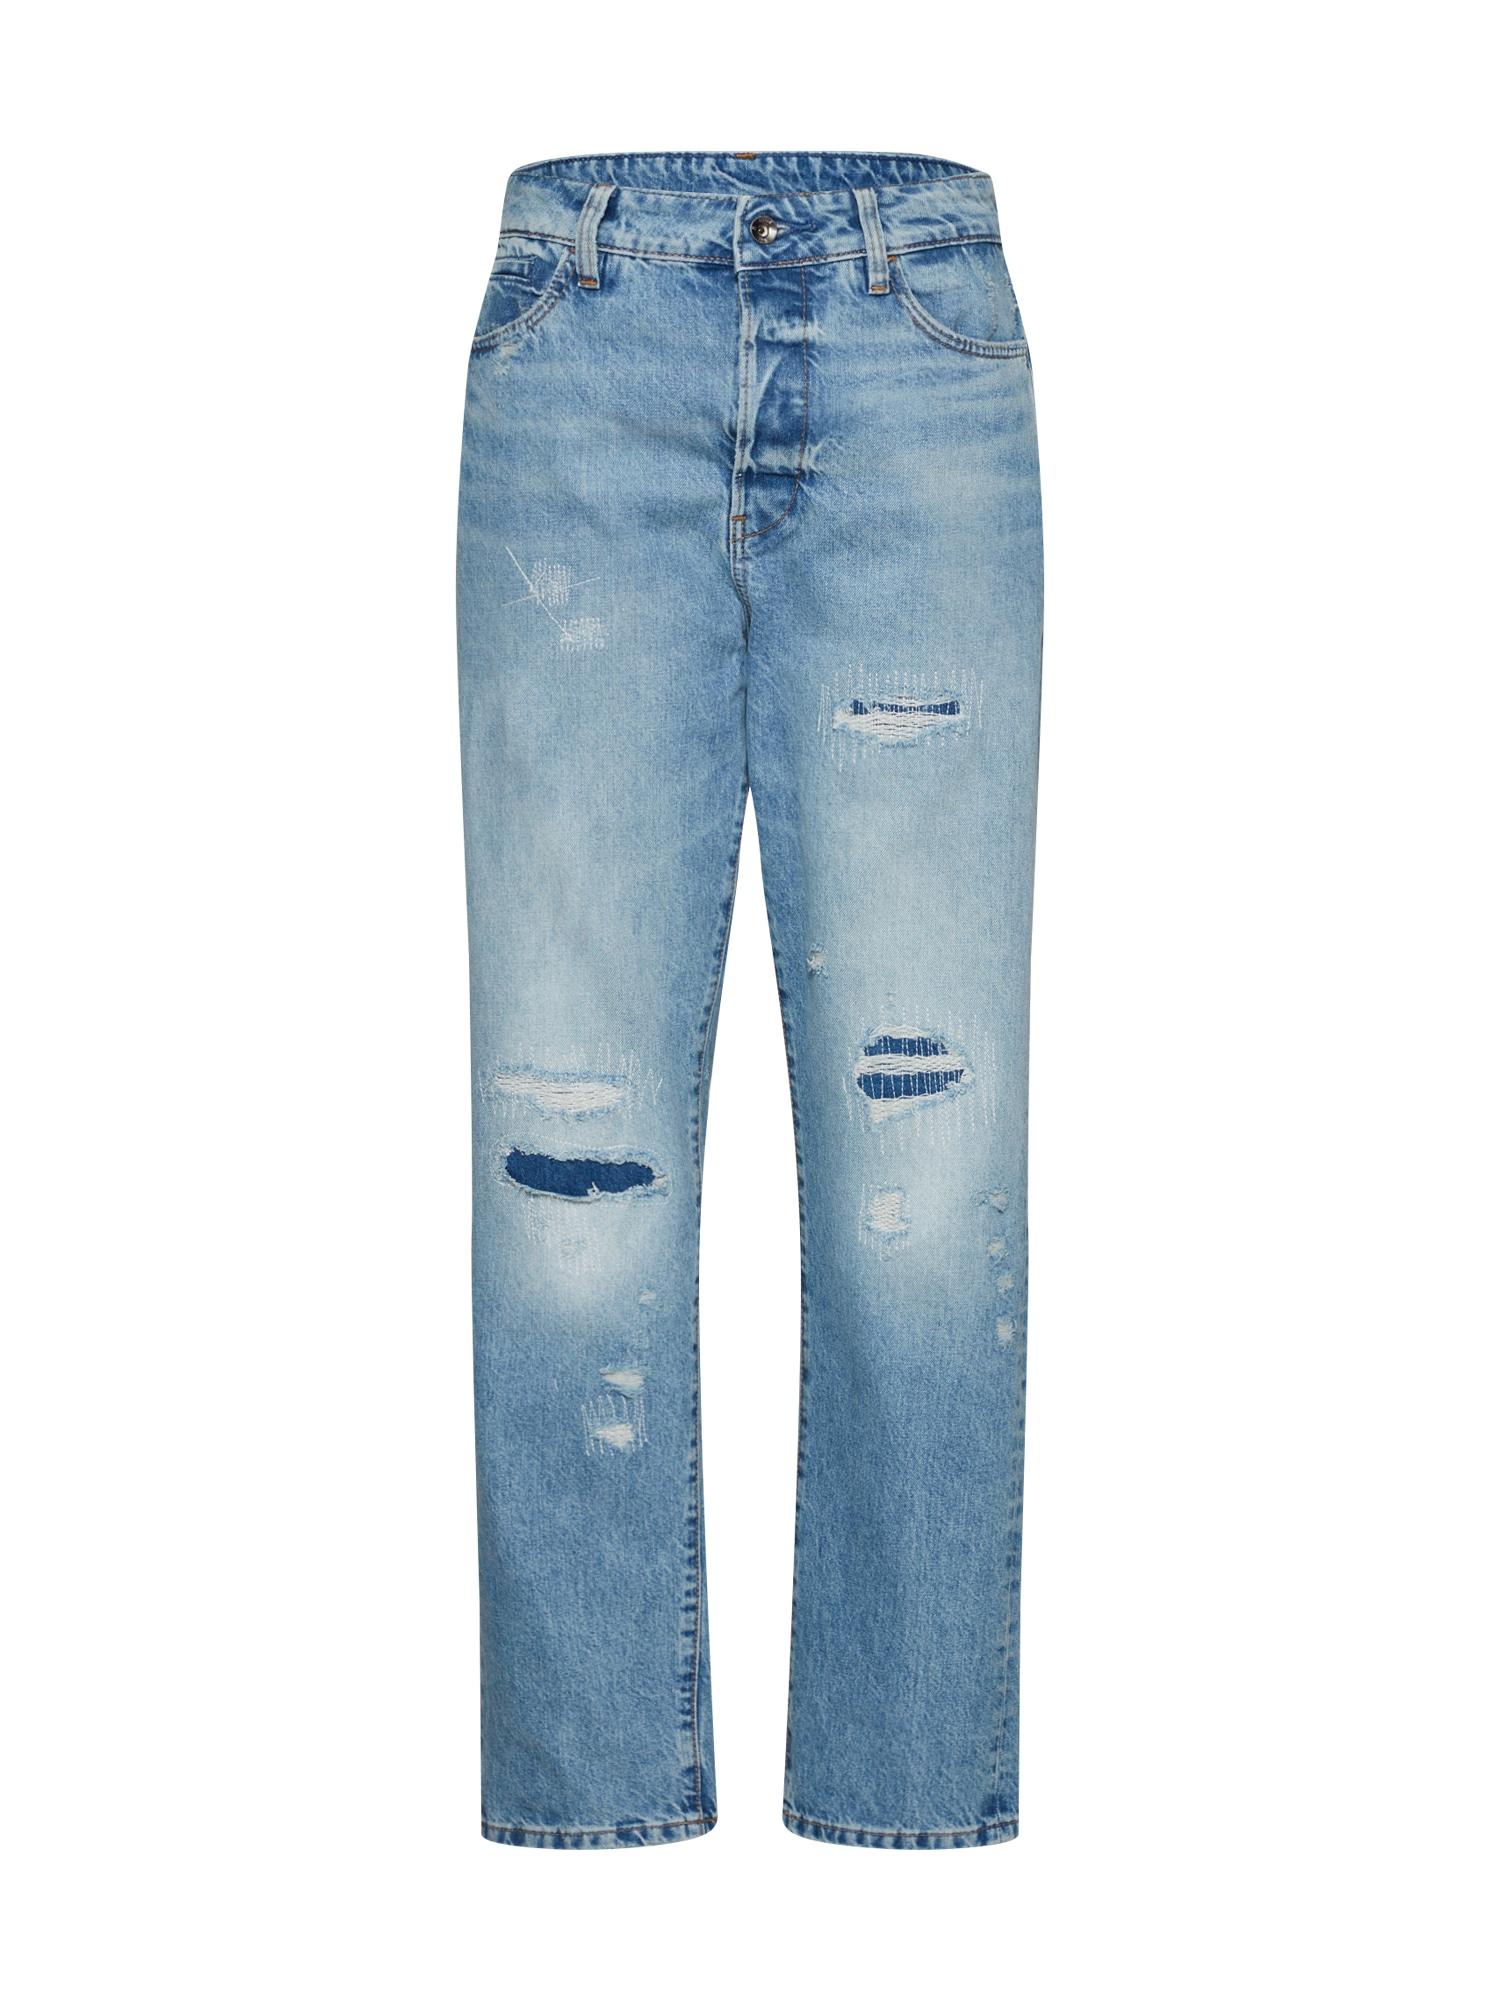 G-STAR RAW Dames Jeans Midge S High Boyfriend Wmn blauw denim